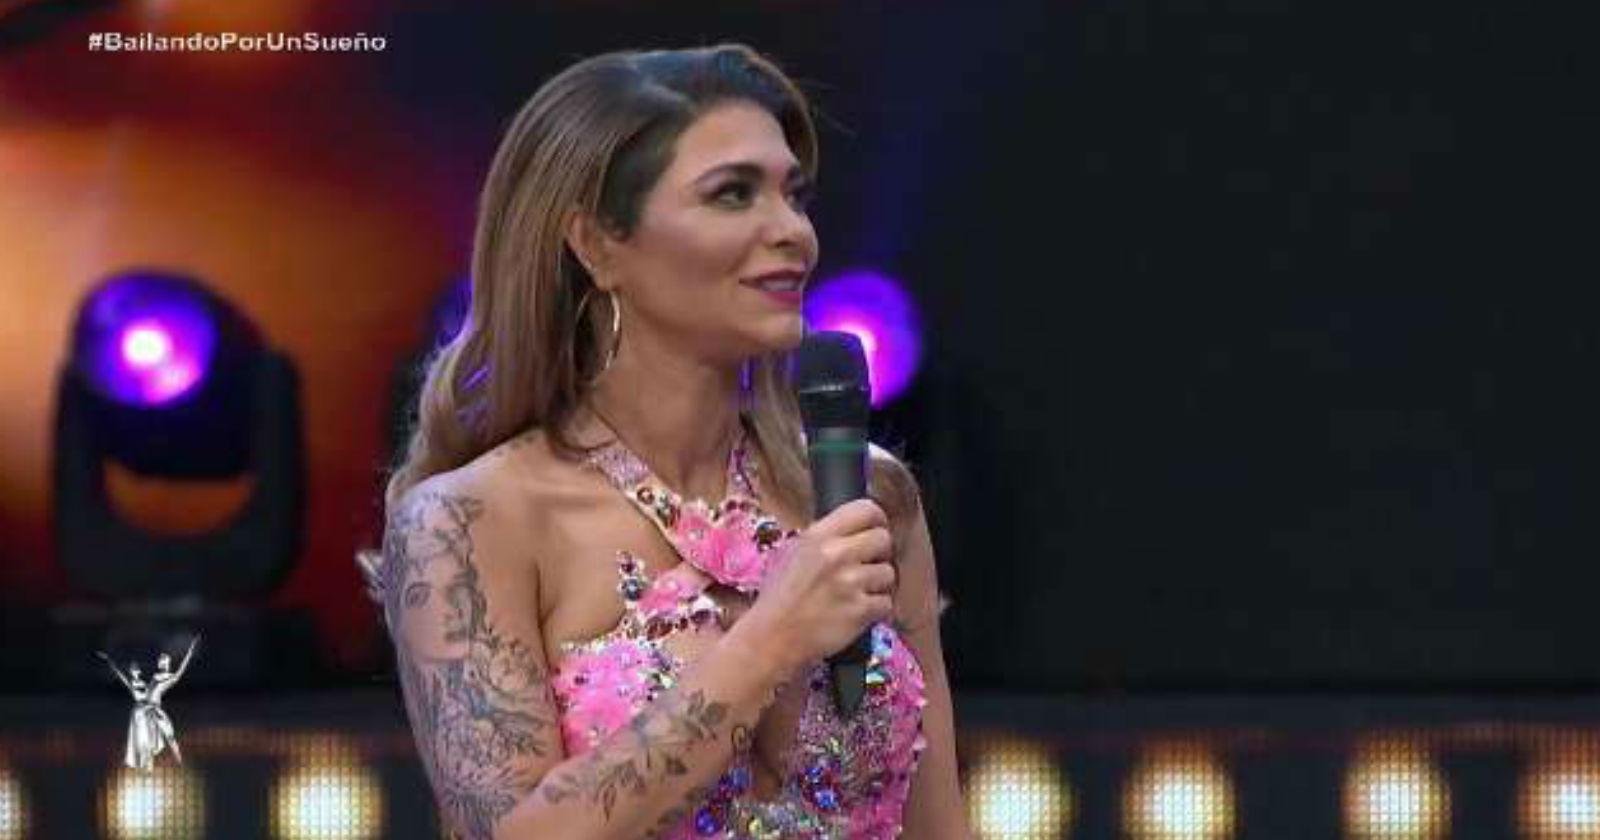 Antonella Ríos inició una relación en medio de la cuarentena: